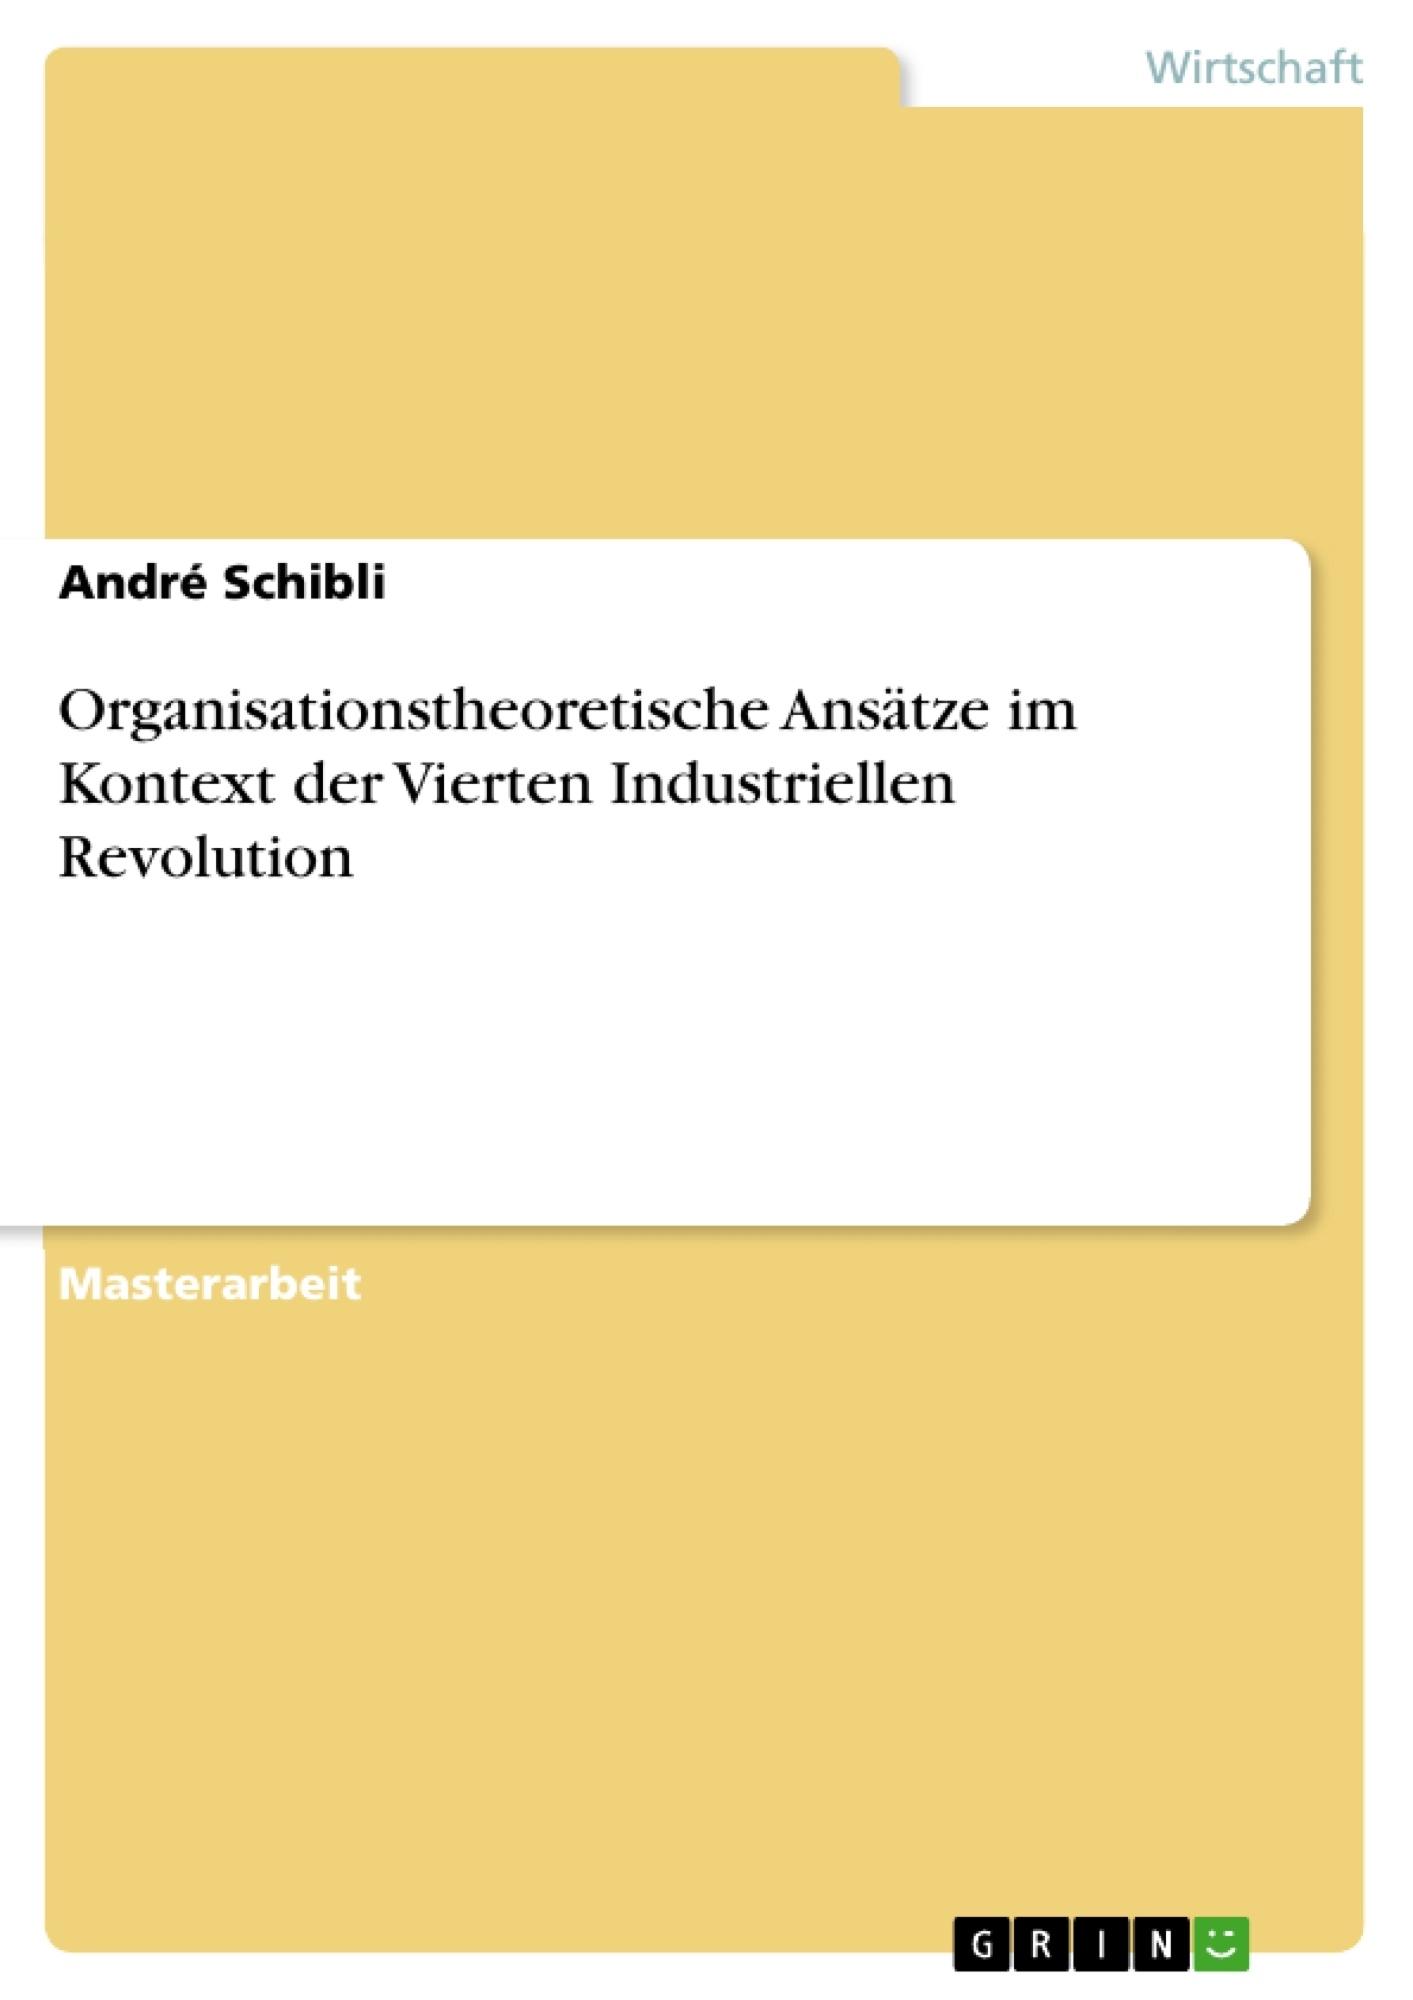 Titel: Organisationstheoretische Ansätze im Kontext der Vierten Industriellen Revolution